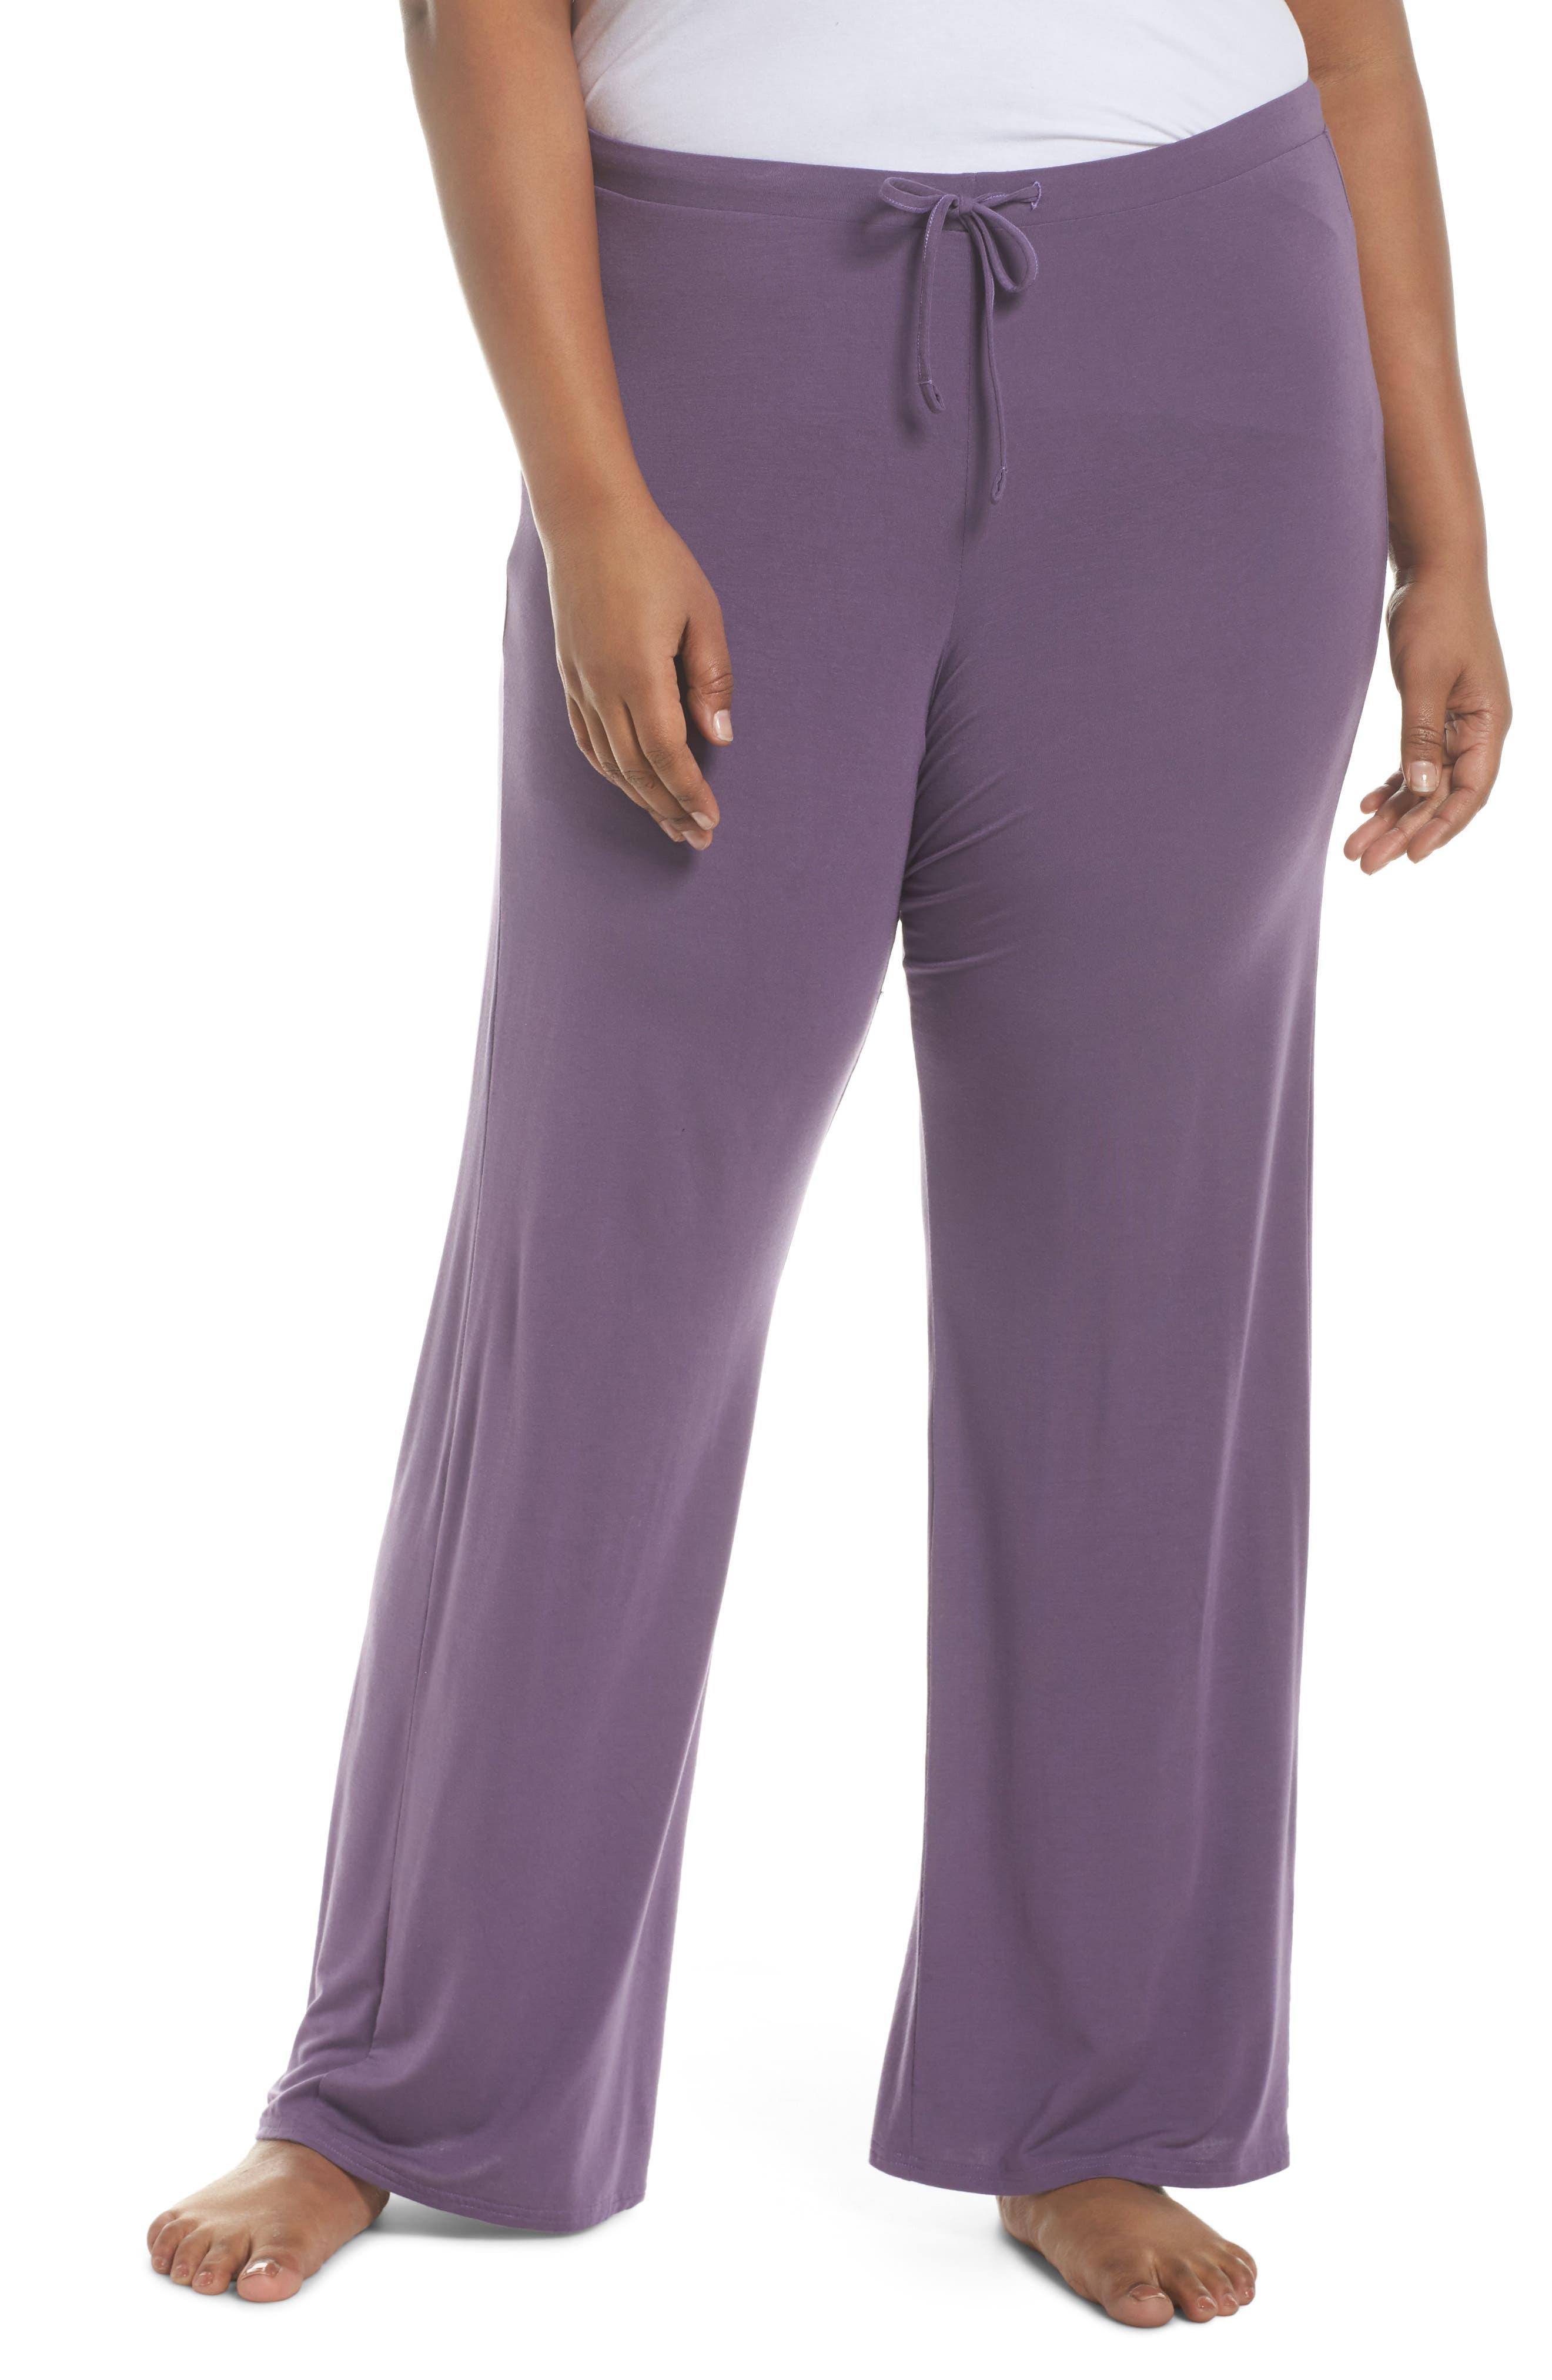 Nordstrom Lingerie Breathe Lounge Pants (Plus Size)